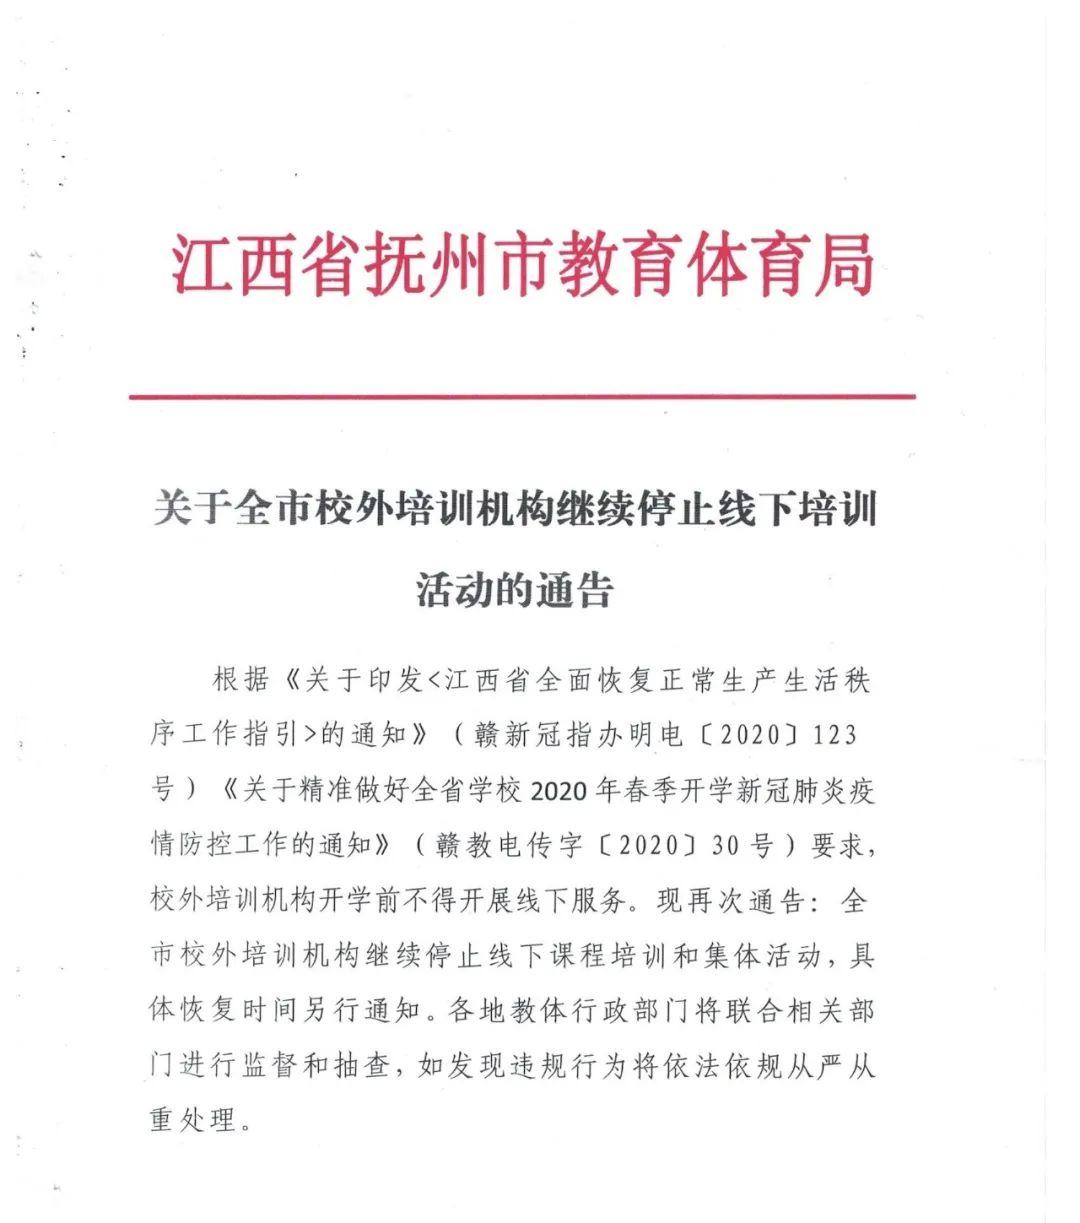 抚州:关于校外培训机构,继续停止线下培训活